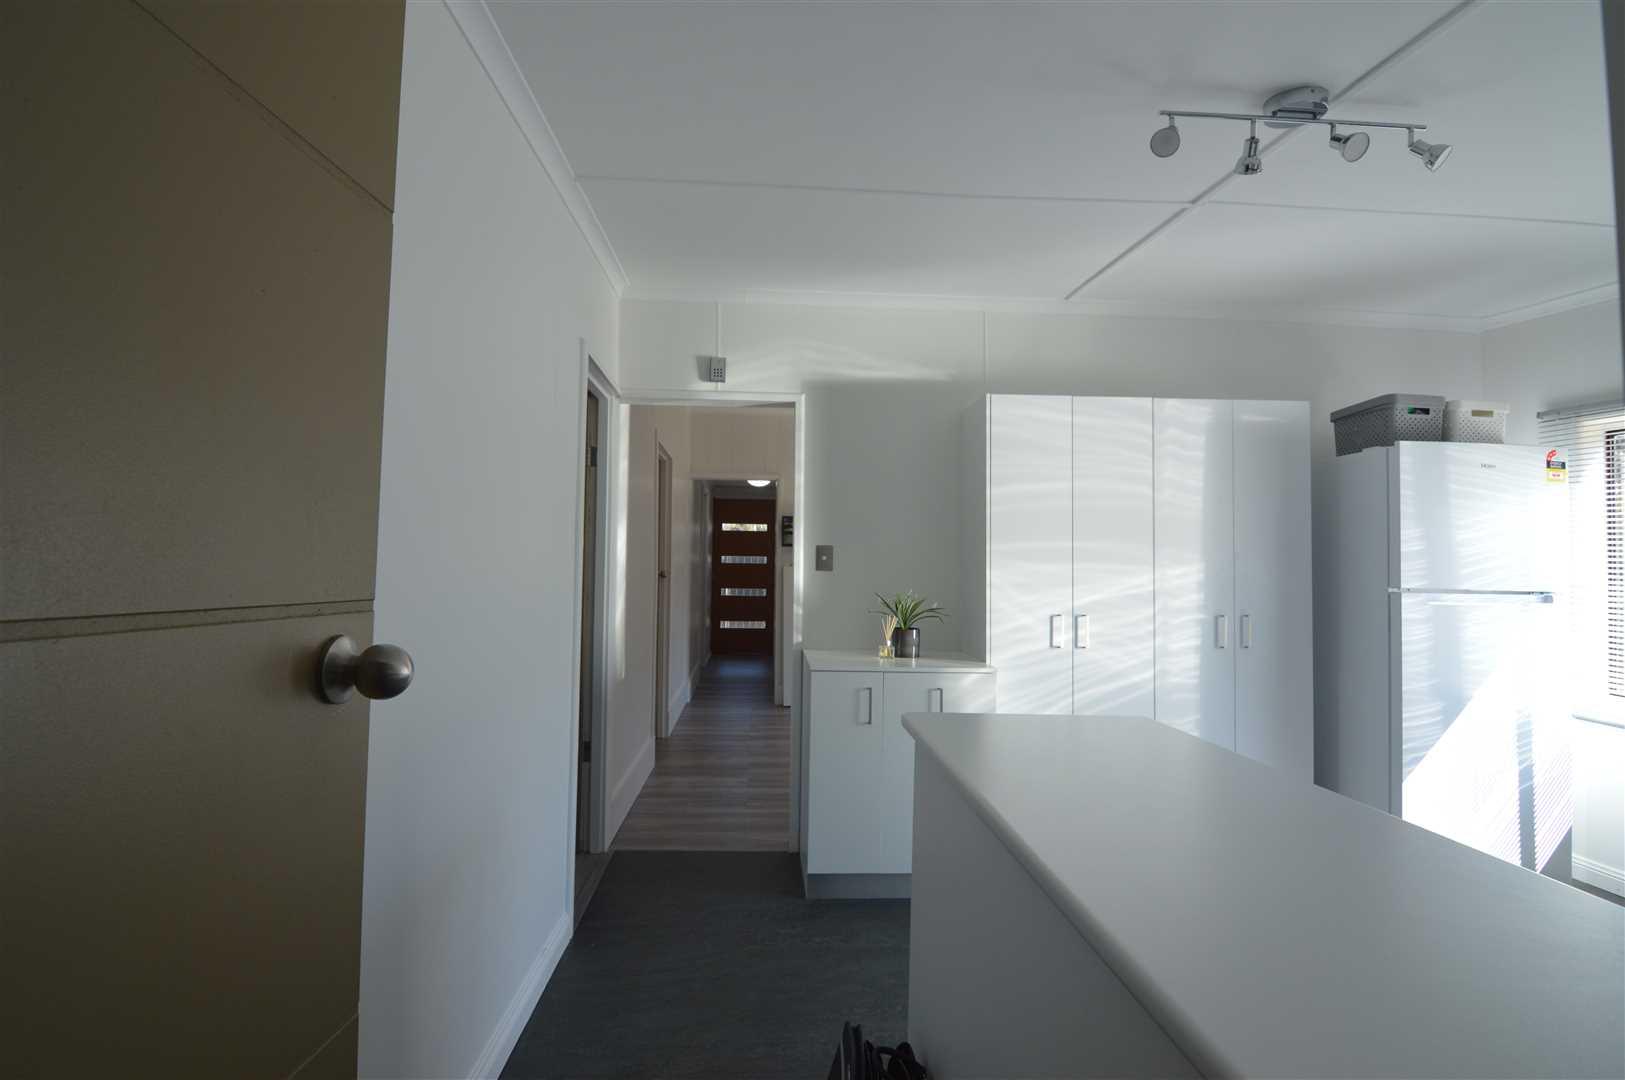 Hallway looking to the front door